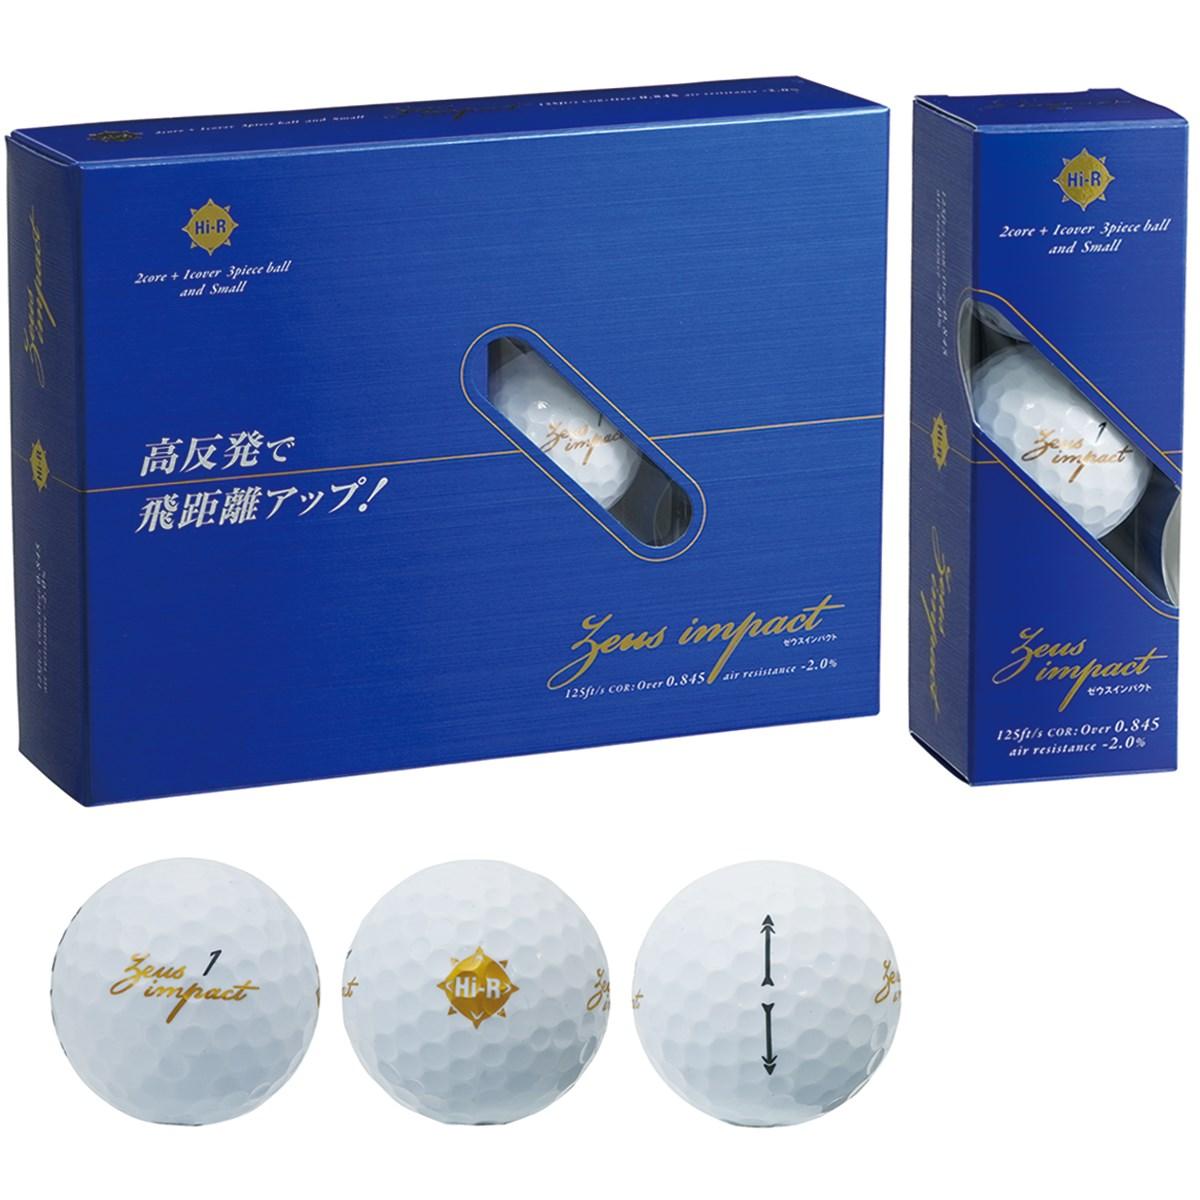 キャスコ(KASCO) Zeusimpact2 ボール【非公認球】